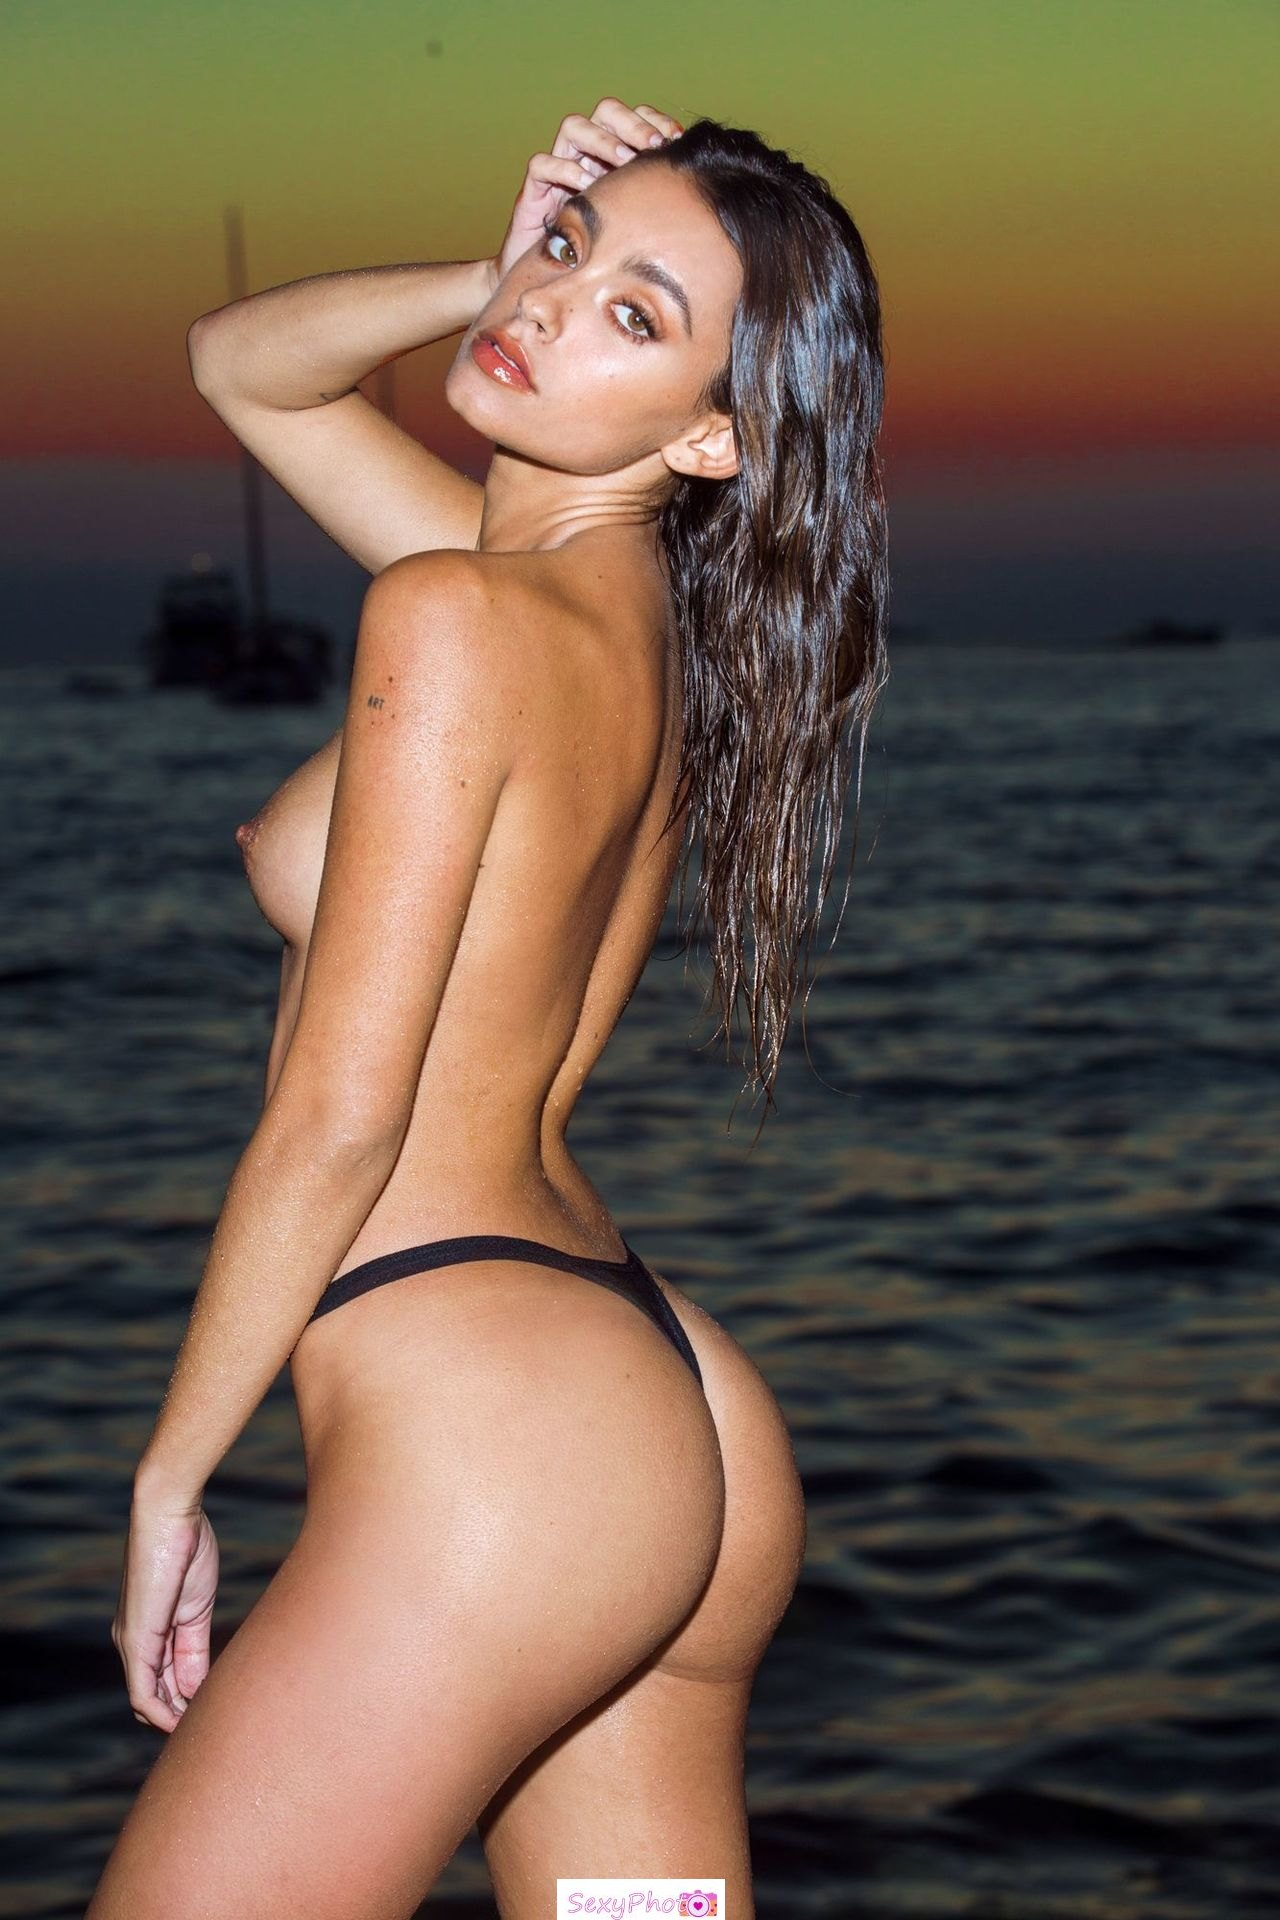 Carla Guetta posing topless